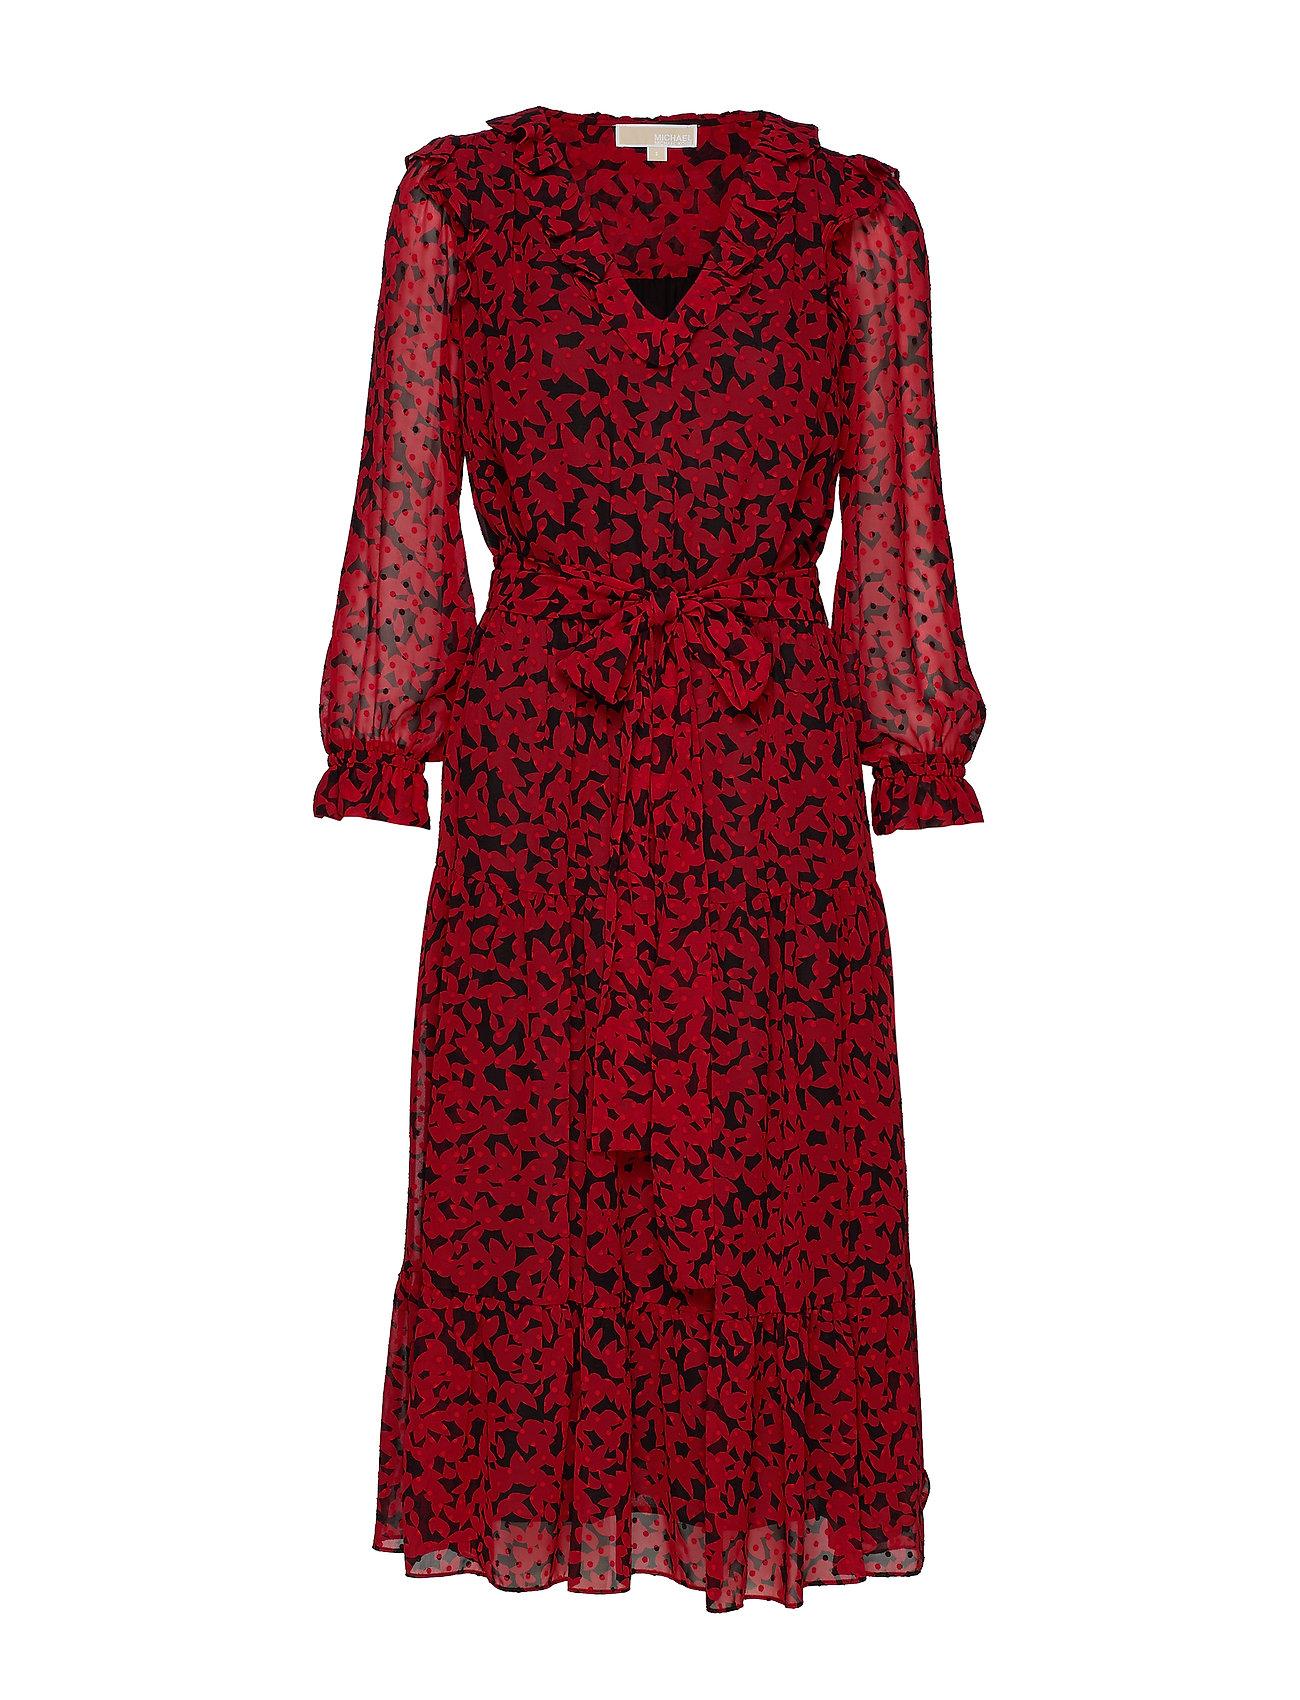 Michael Kors LEAF GDN TIERED DRESS - BLCK/SCARLET